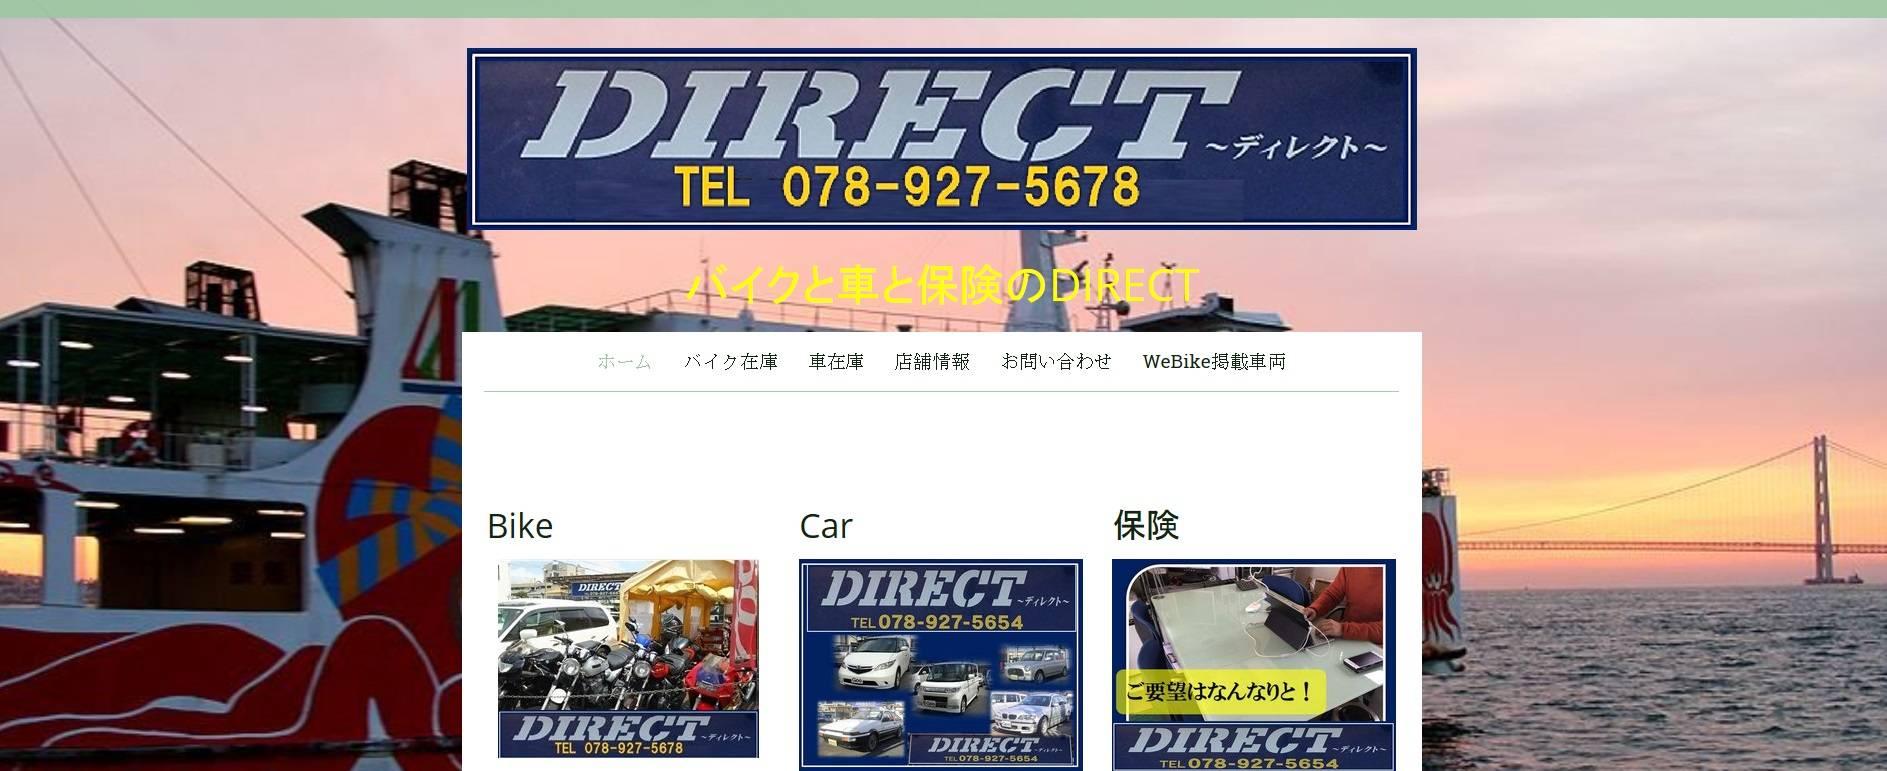 DIRECT〜ディレクト〜